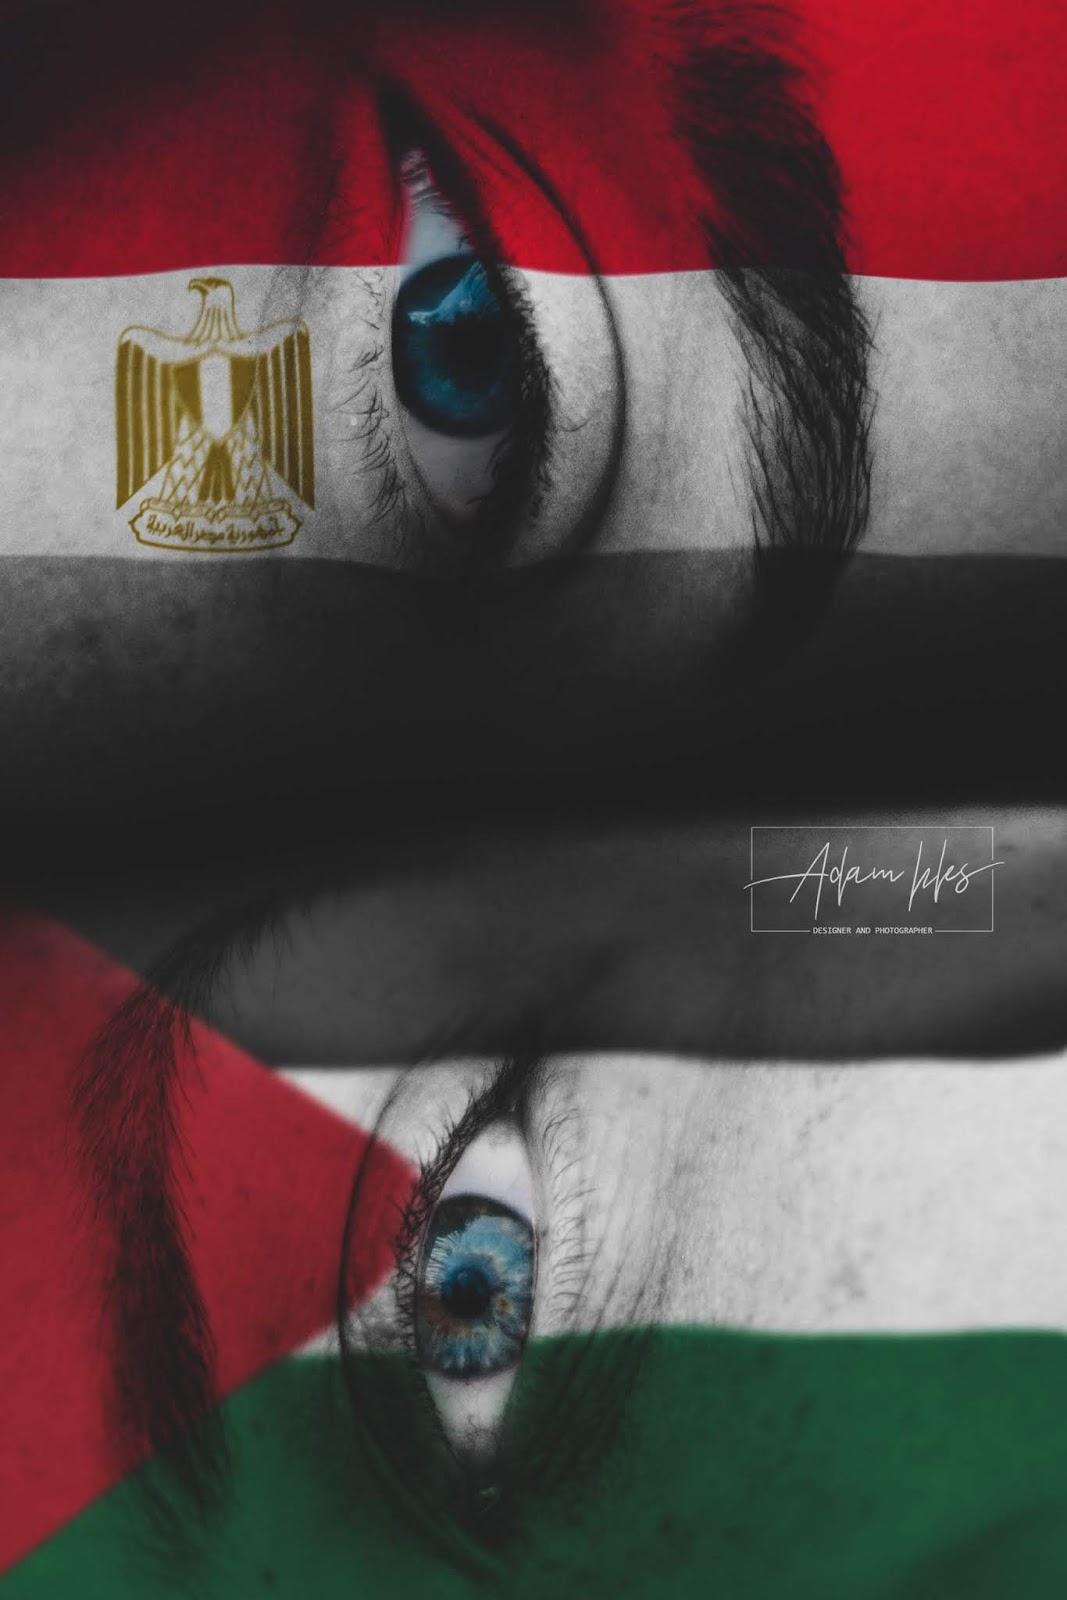 علم مصر وعلم فلسطين